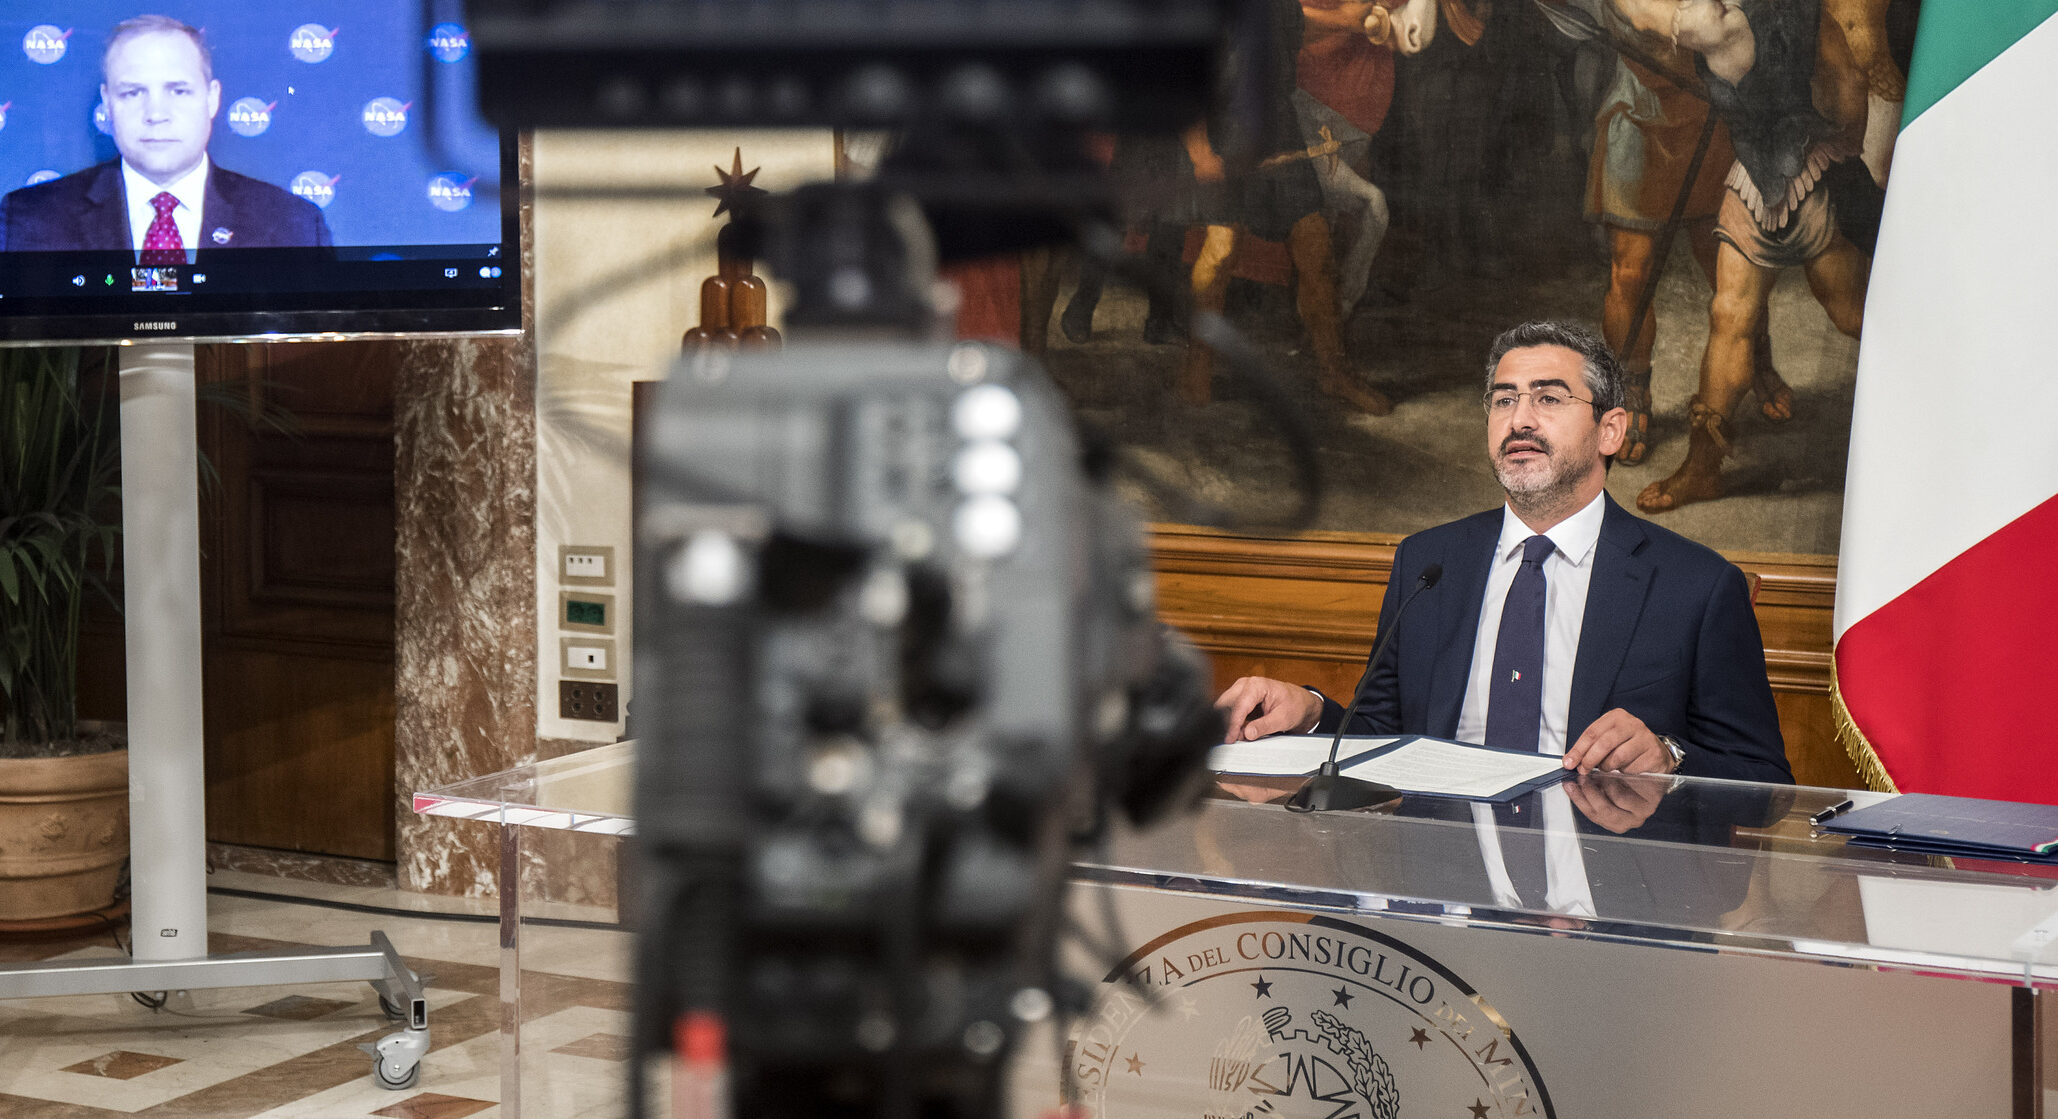 La sconfitta politica dell'Italia nella partita europea dello spazio